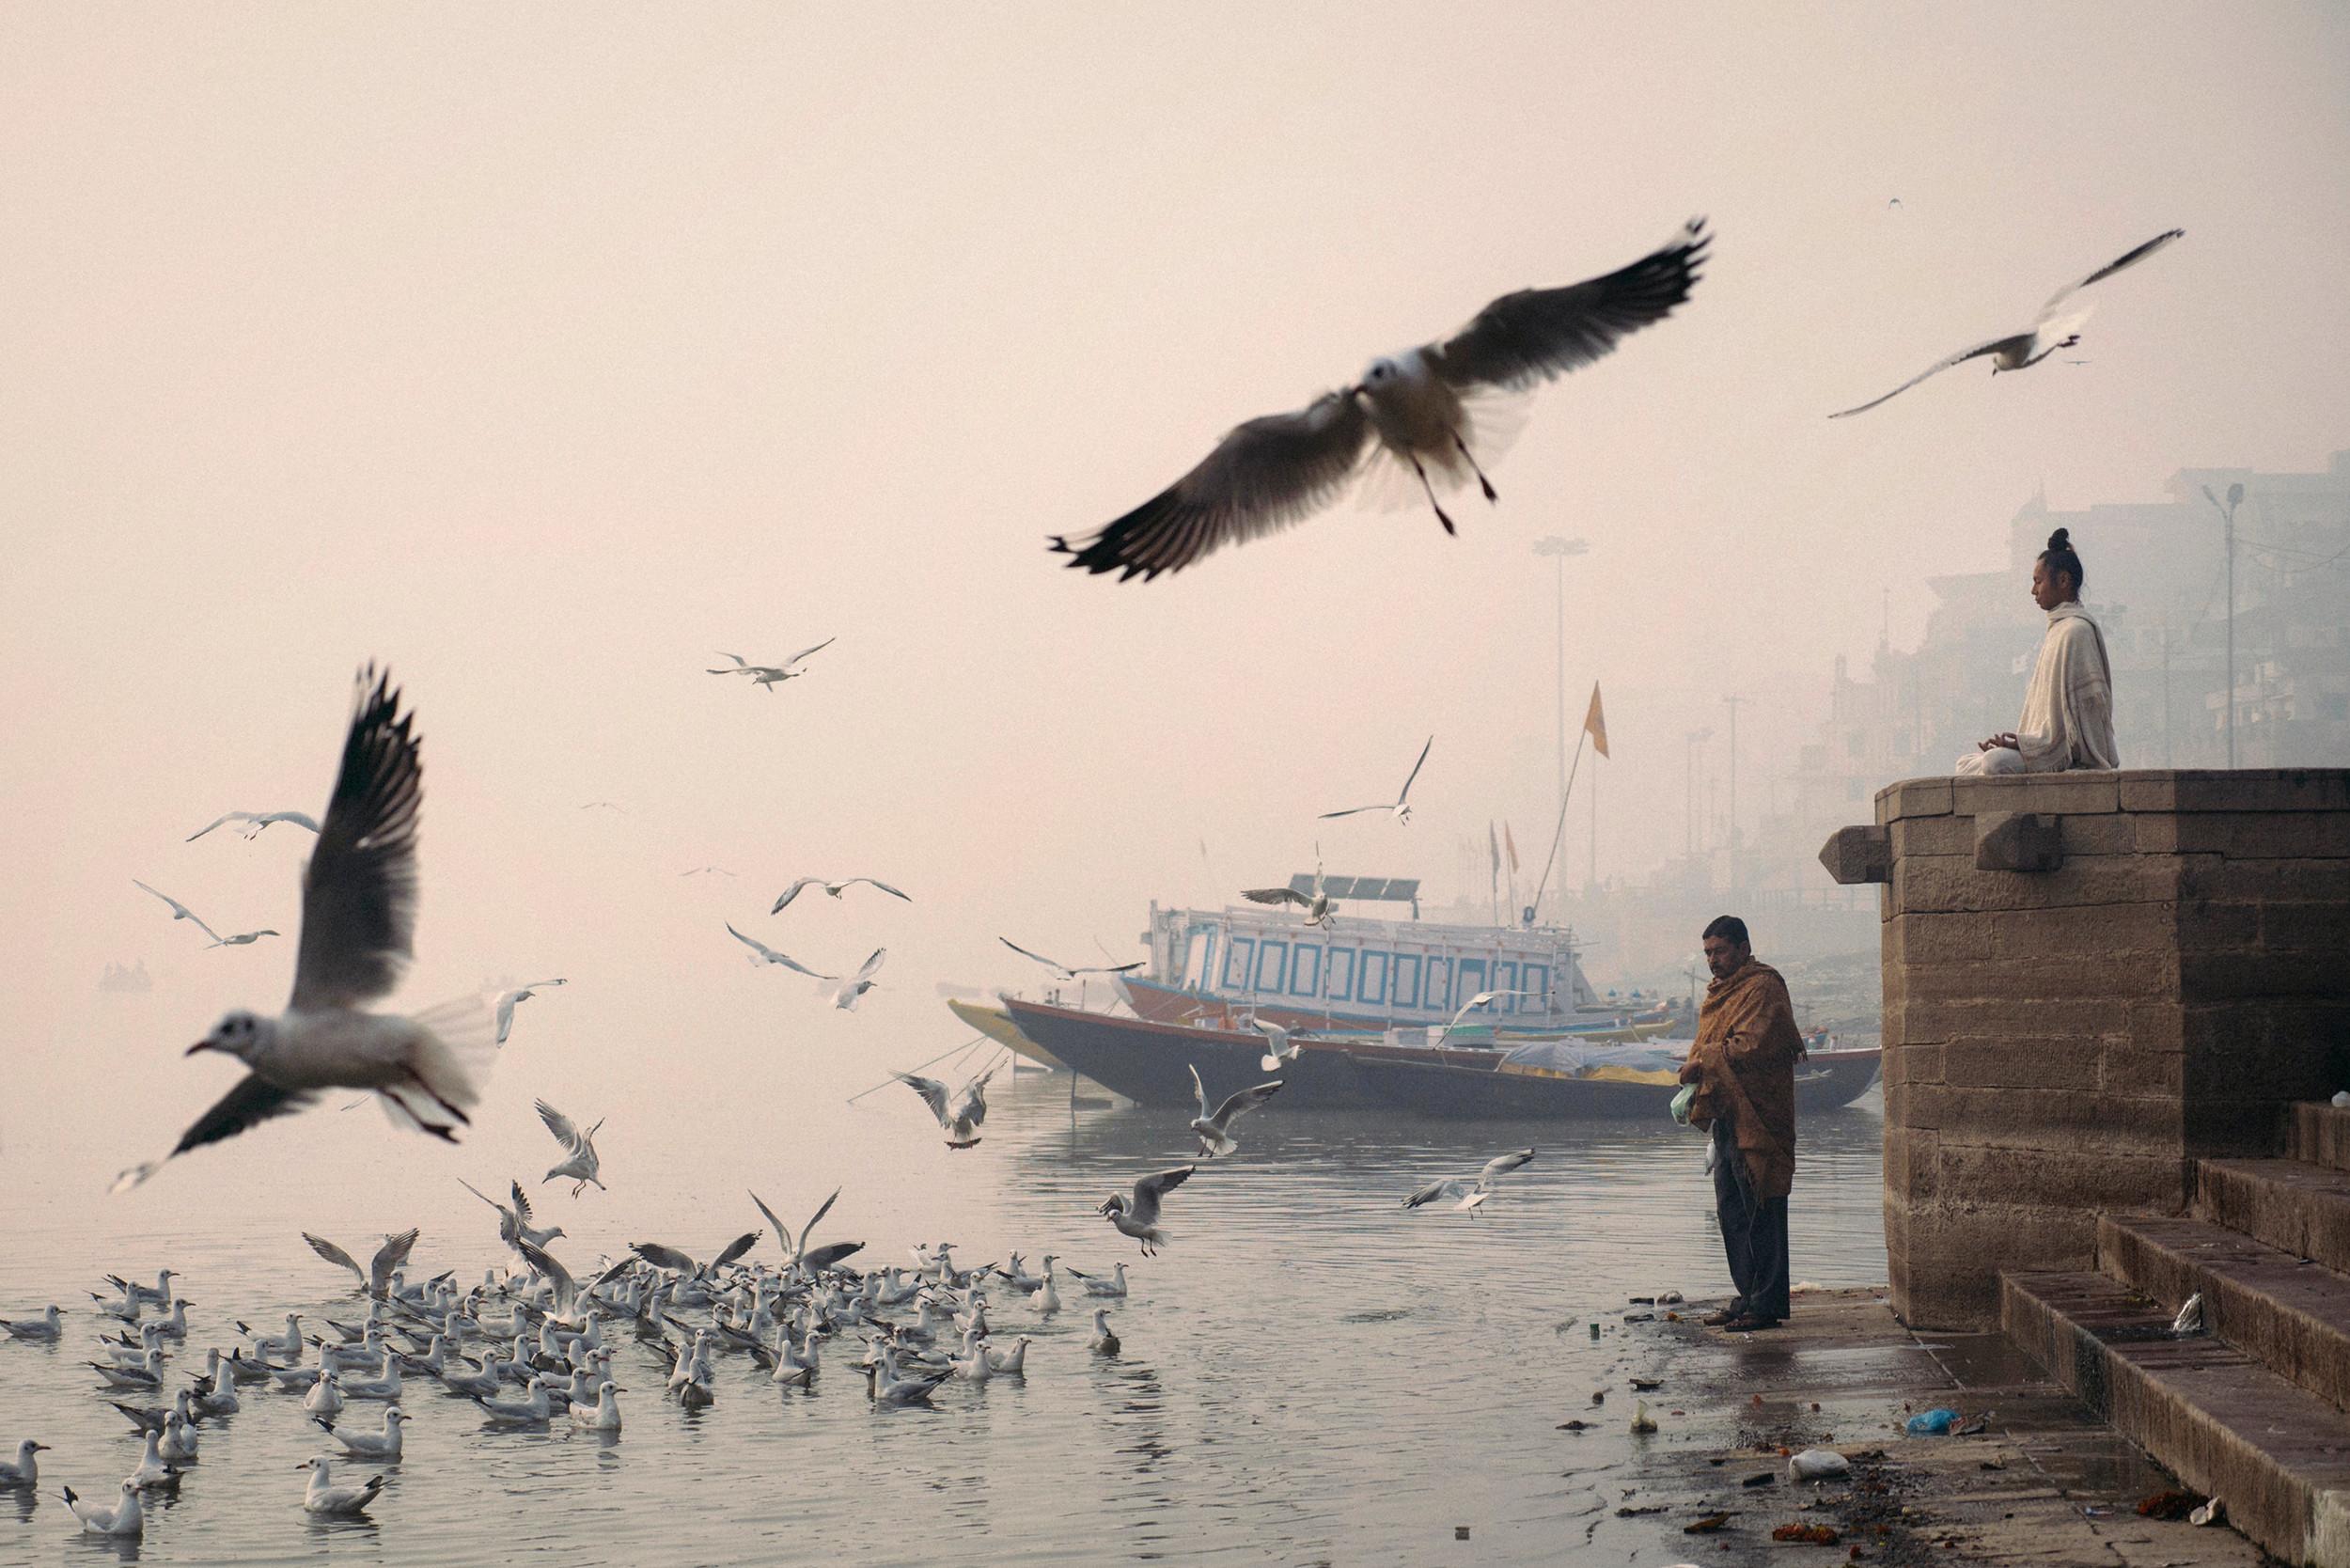 Meditation on the Ganges